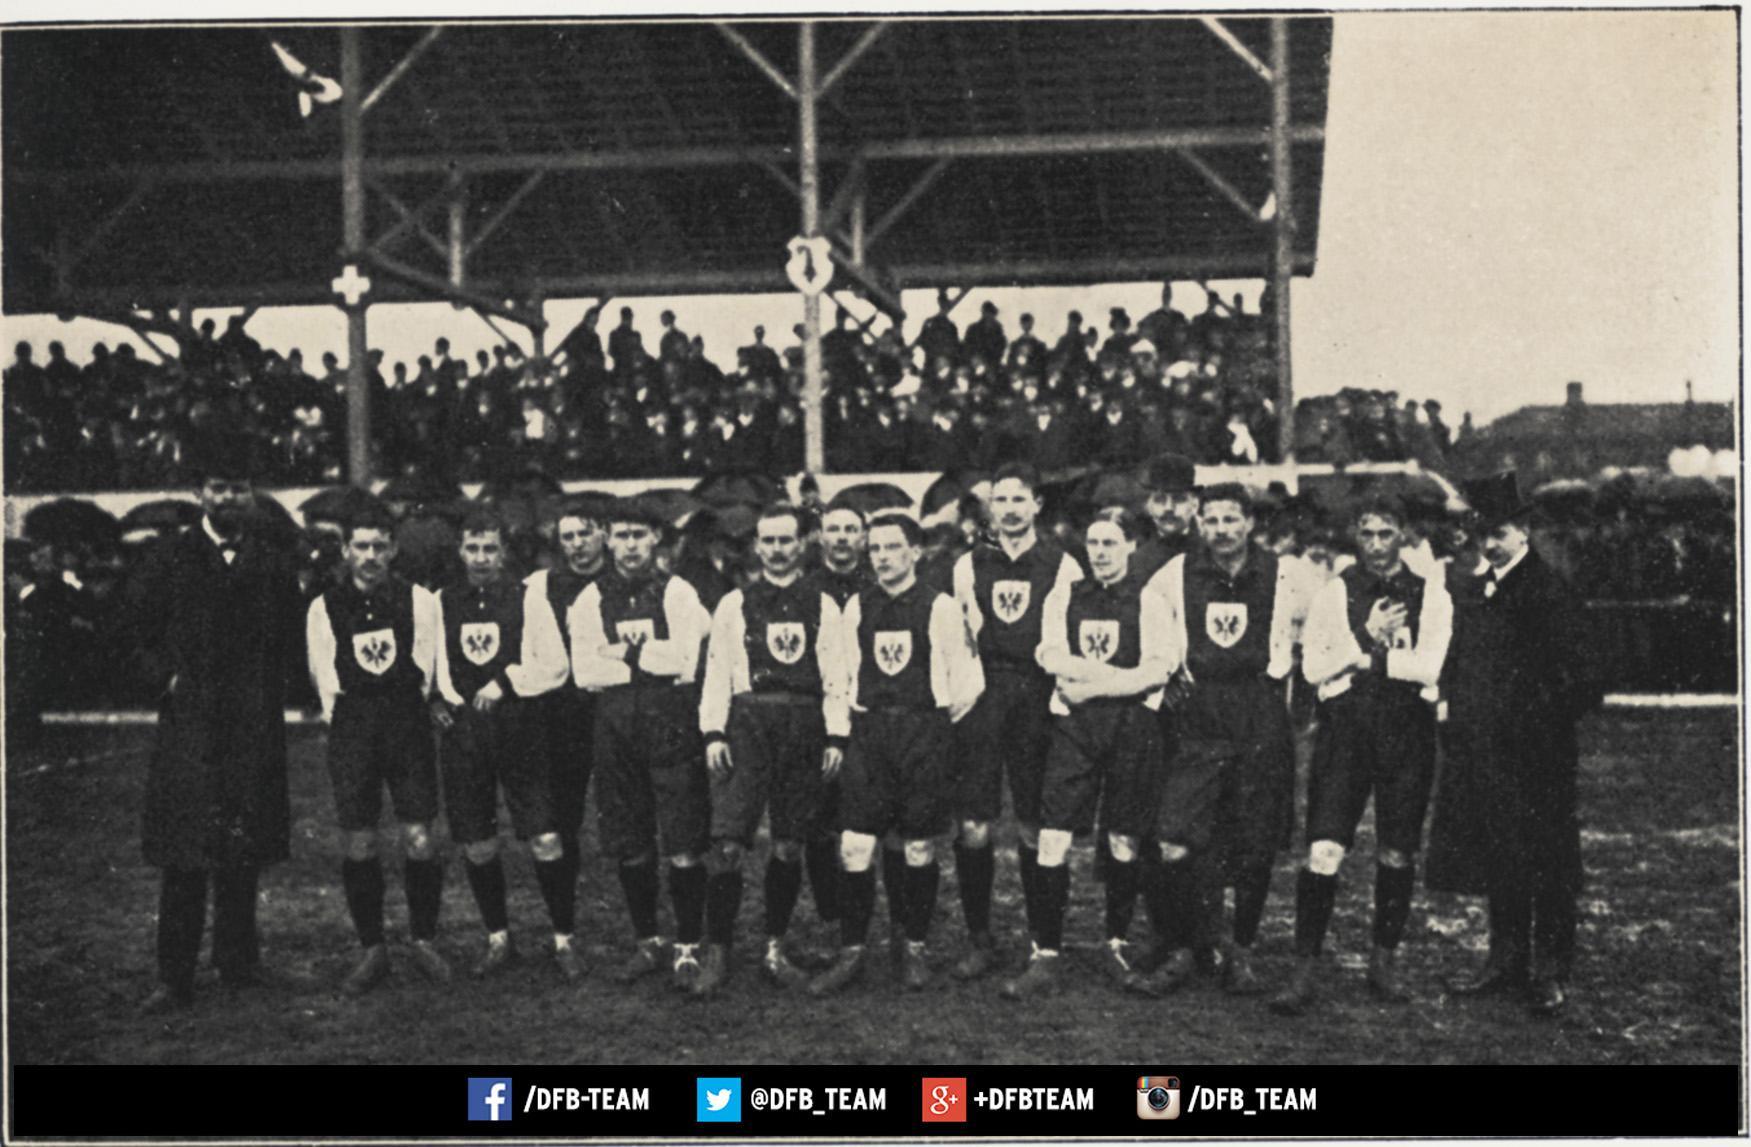 German team 1908